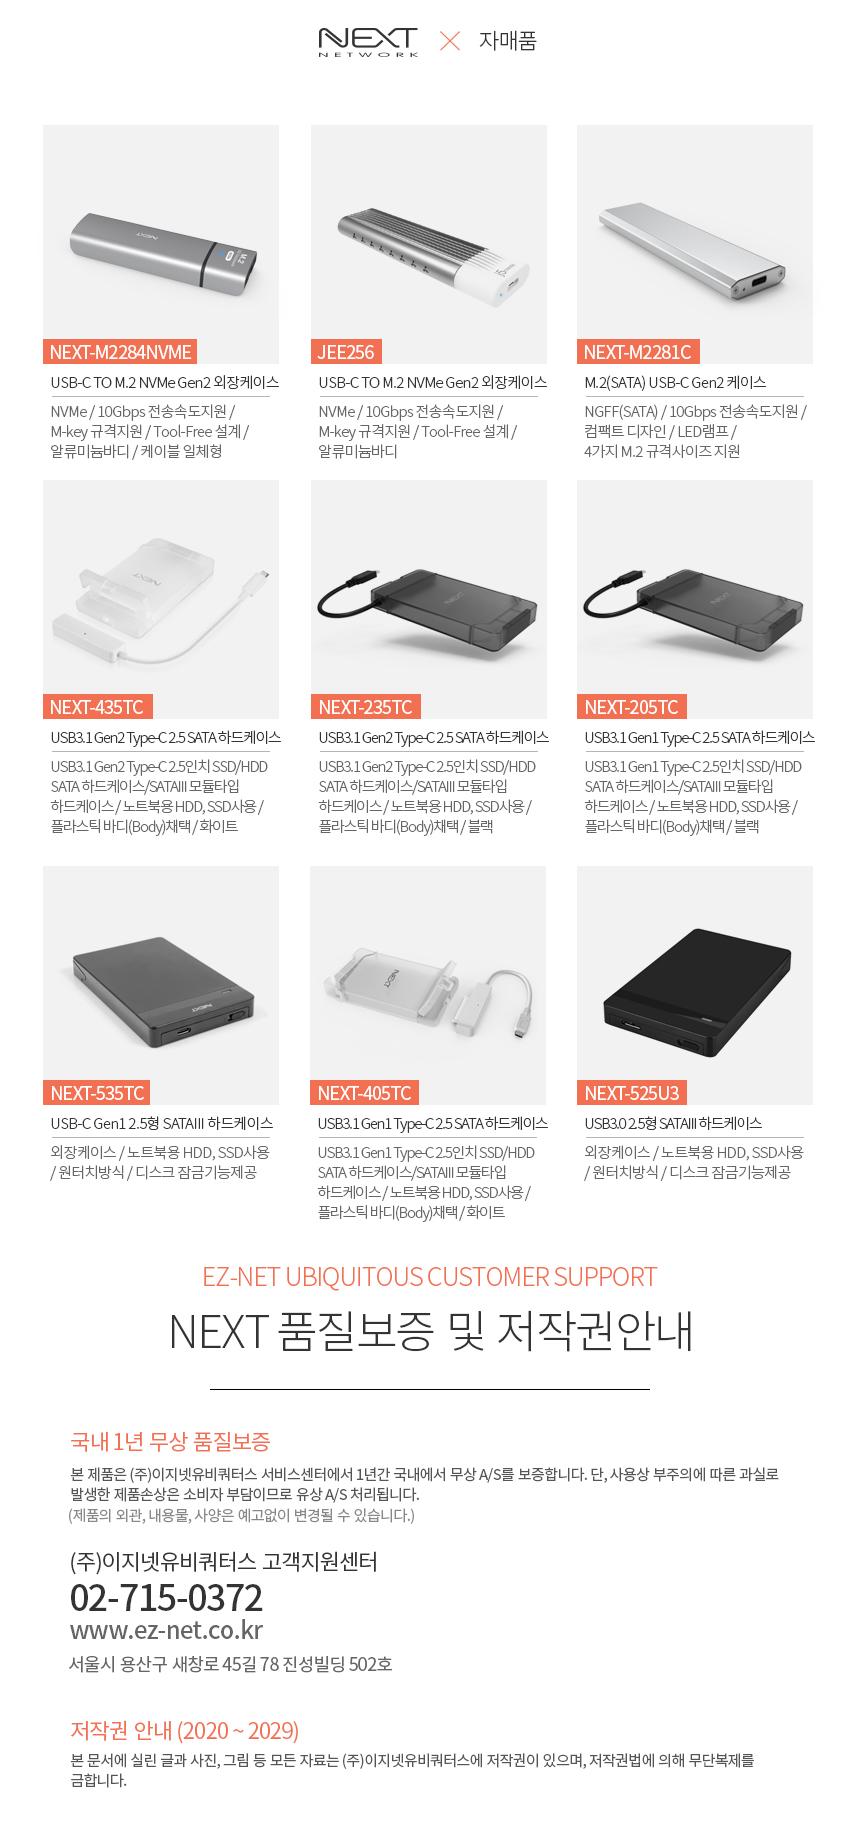 이지넷유비쿼터스 USB C to M.2 SATA SSD 외장케이스 (SSD미포함)